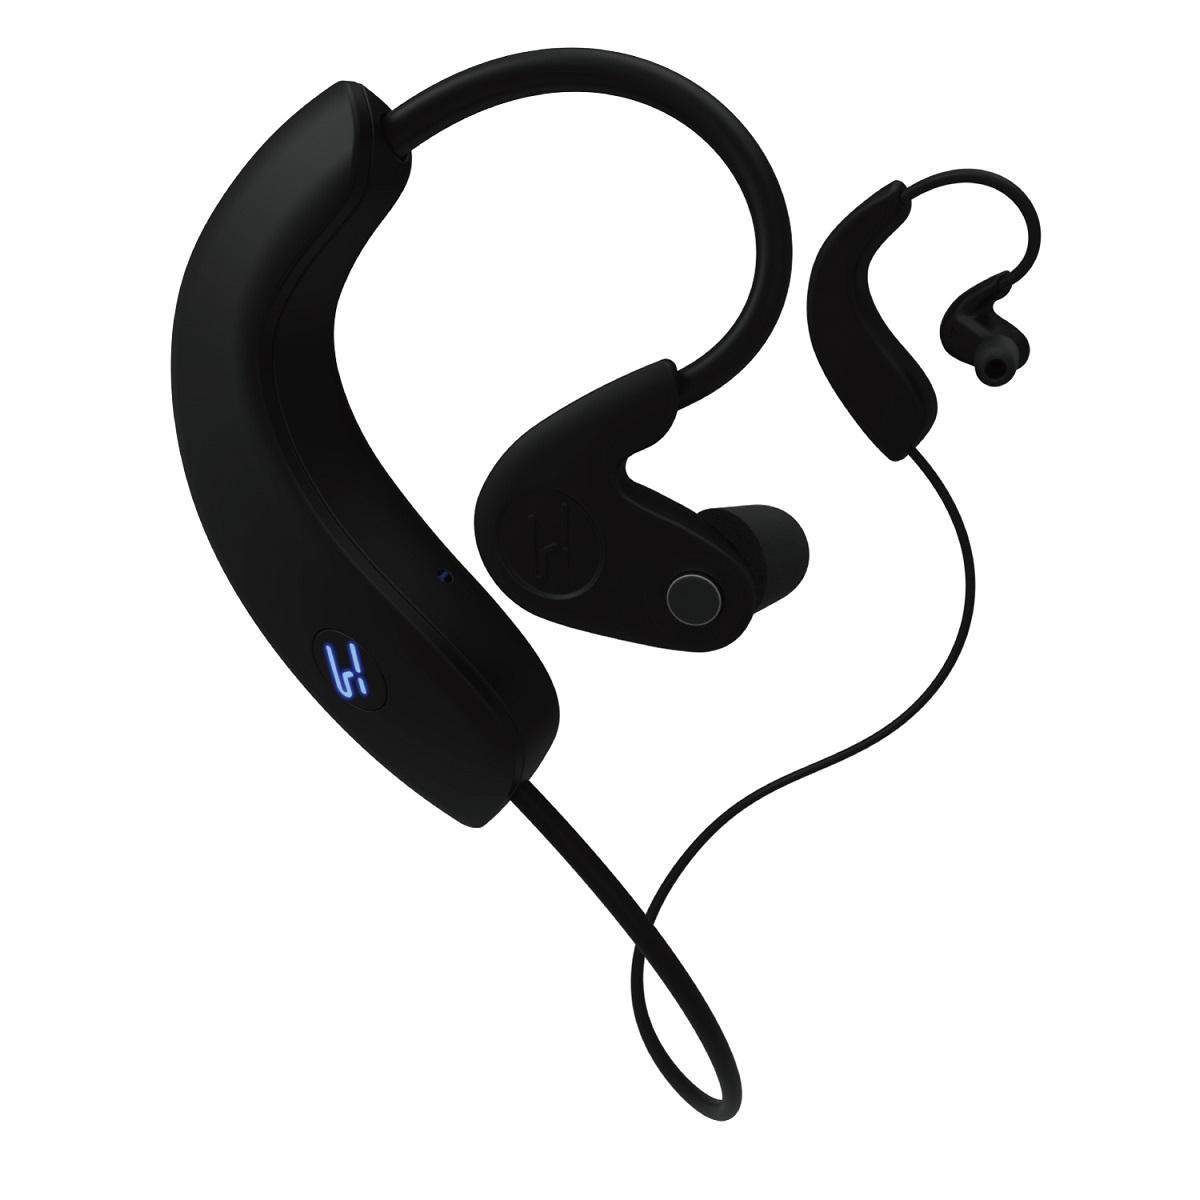 Hooke AudioHooke Verse ブラック【バイノーラル・マイク】【バイノーラルレコーディング】【Bluetoothマイク】【送料無料】